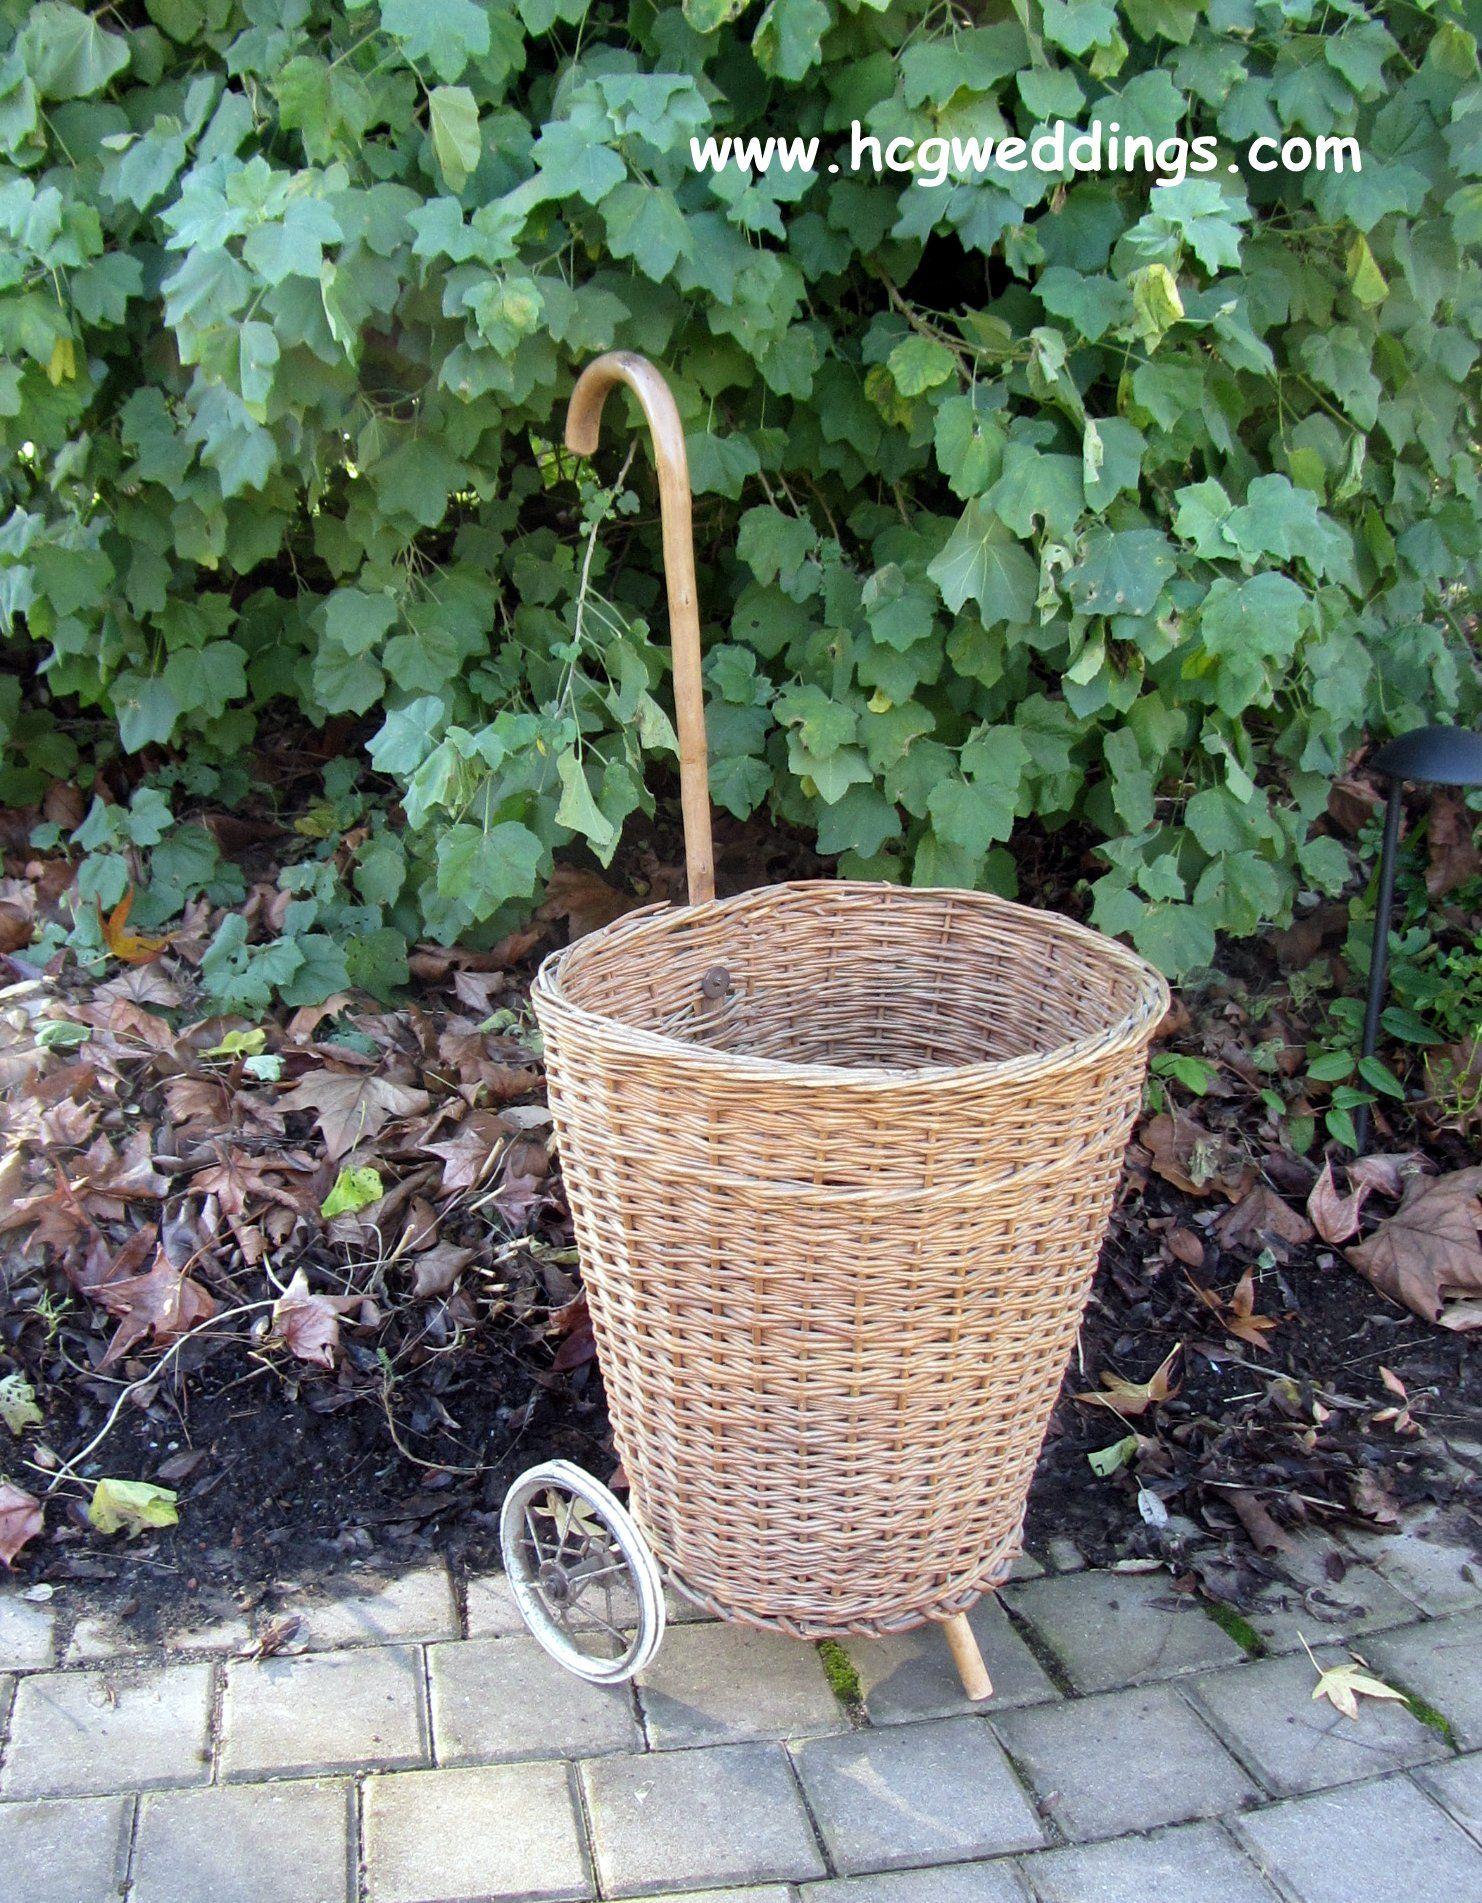 Vintage Wicker Shopping Trolley Basket Case